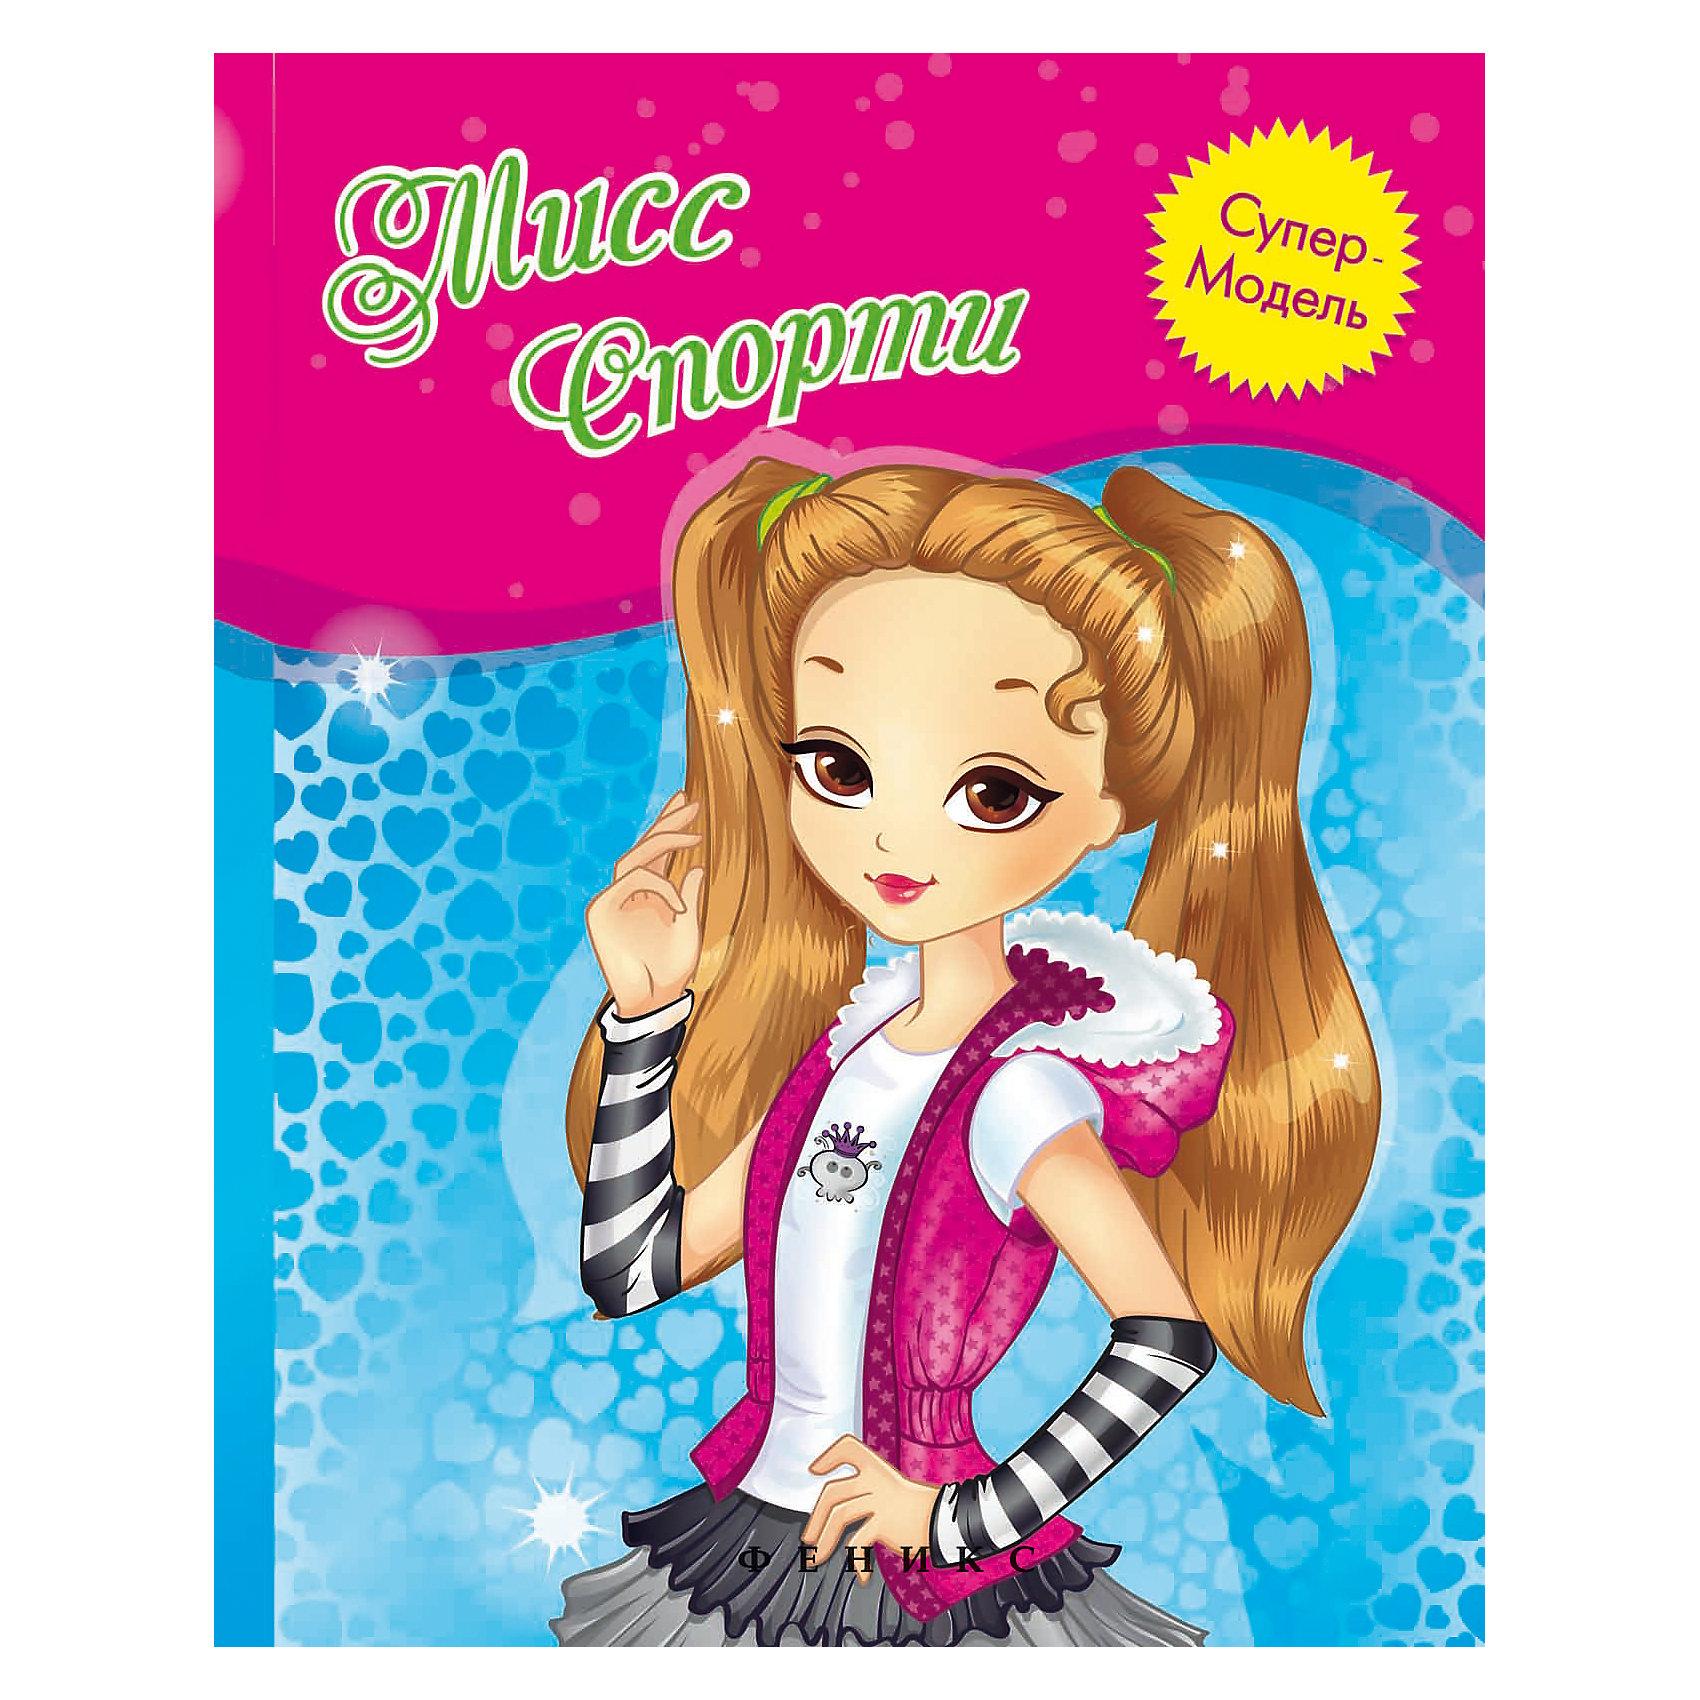 Раскраска Мисс СпортиРисование<br>Раскраска Мисс Спорти, 2-е издание<br><br>Характеристики:<br> <br>• Кол-во страниц: 8<br>• ISBN: 9785222265840<br>• Возраст: 0+<br>• Обложка: мягкая<br>• Формат: а4<br><br>Эта увлекательная раскраска позволит не только весело провести время за созданием ярких иллюстраций, но и расскажет нечто новое о стиле и модных образах. Так же, благодаря занятиям с этой книгой, ребенок  сможет развить мелкую моторику и творческий подход.<br><br>Раскраска Мисс Спорти, 2-е издание можно купить в нашем интернет-магазине.<br><br>Ширина мм: 260<br>Глубина мм: 199<br>Высота мм: 10<br>Вес г: 44<br>Возраст от месяцев: -2147483648<br>Возраст до месяцев: 2147483647<br>Пол: Женский<br>Возраст: Детский<br>SKU: 5464514